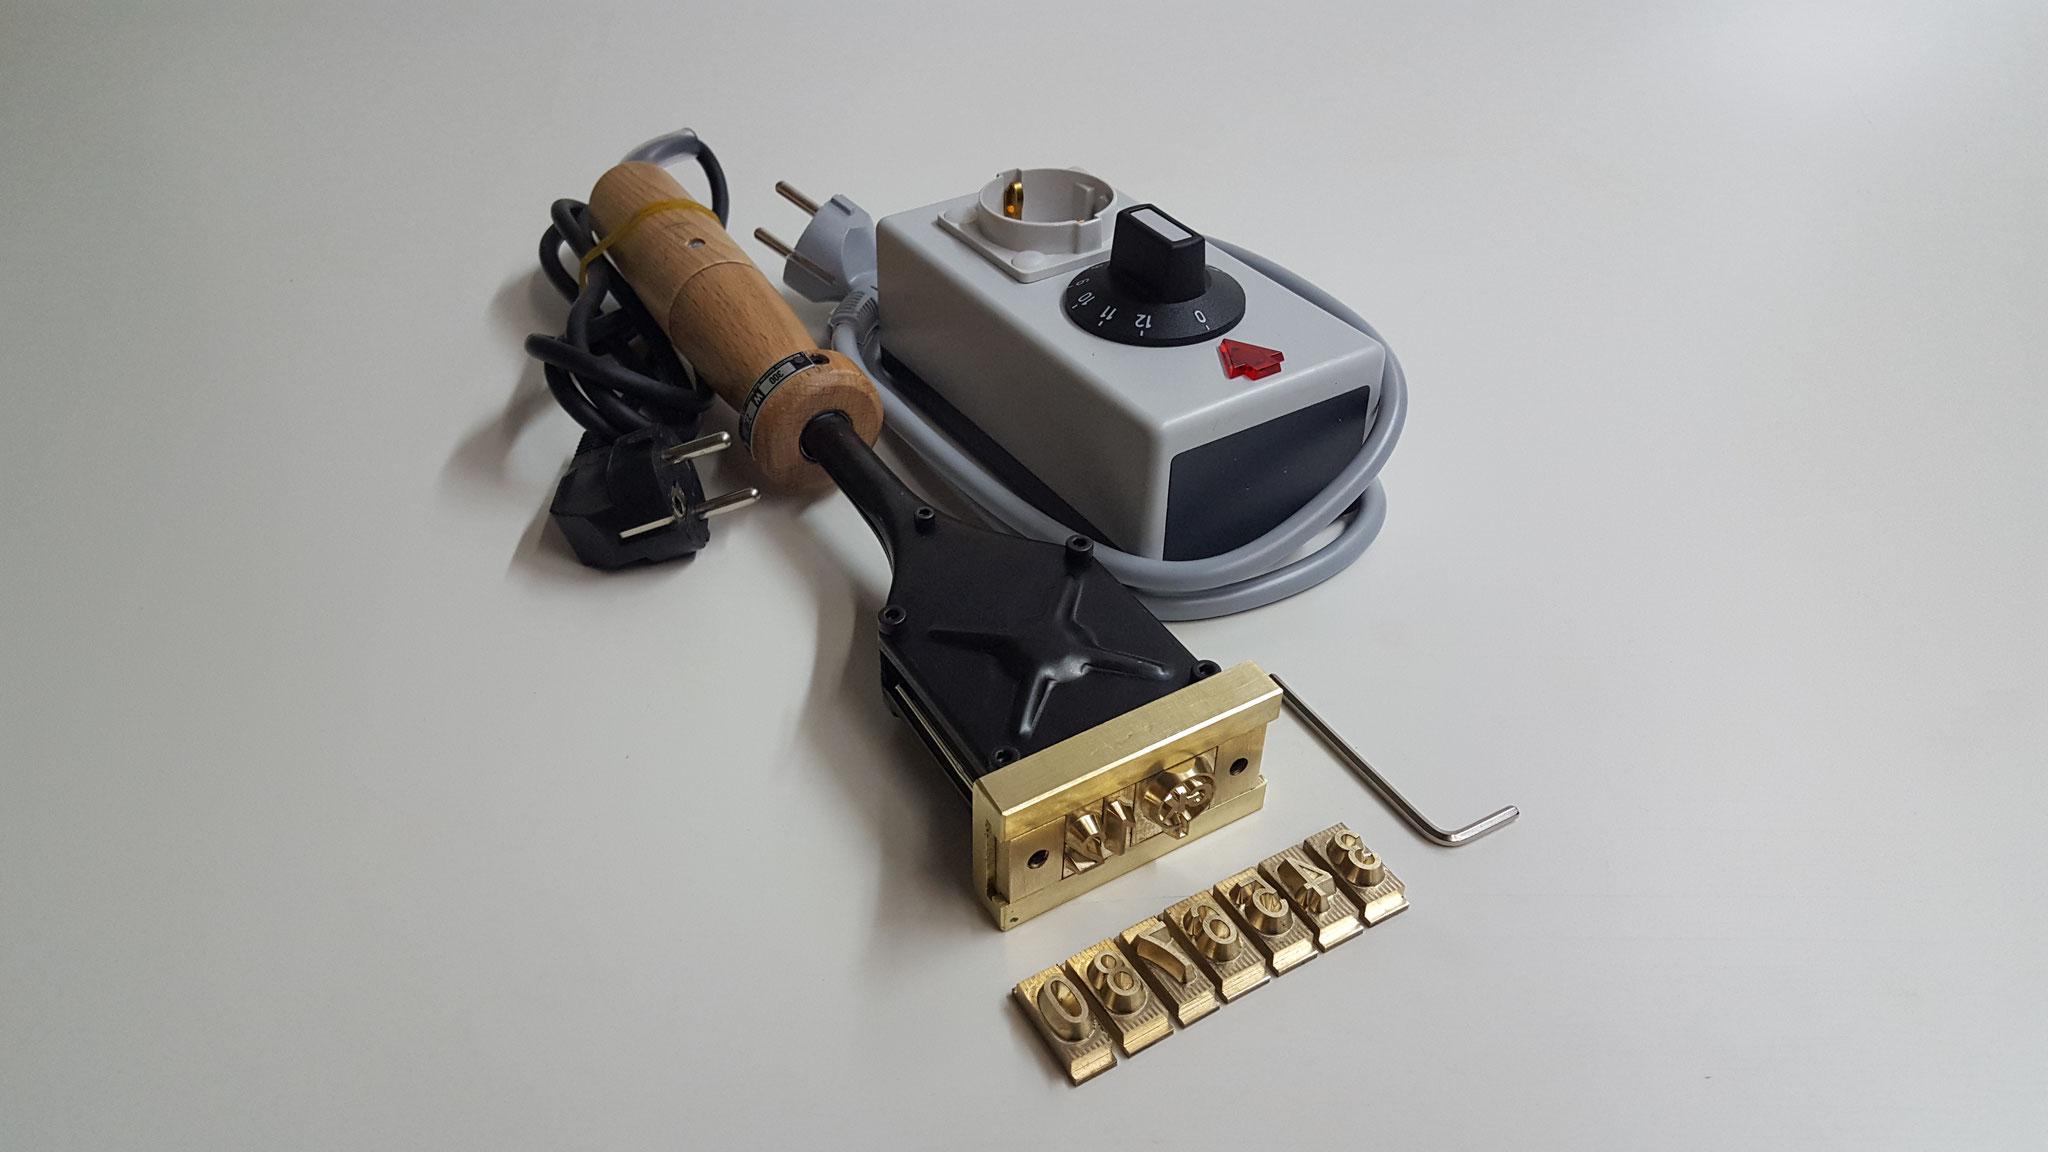 Brennstempel mit Holzgriff, Wechsel-Typen und Leistungsregler